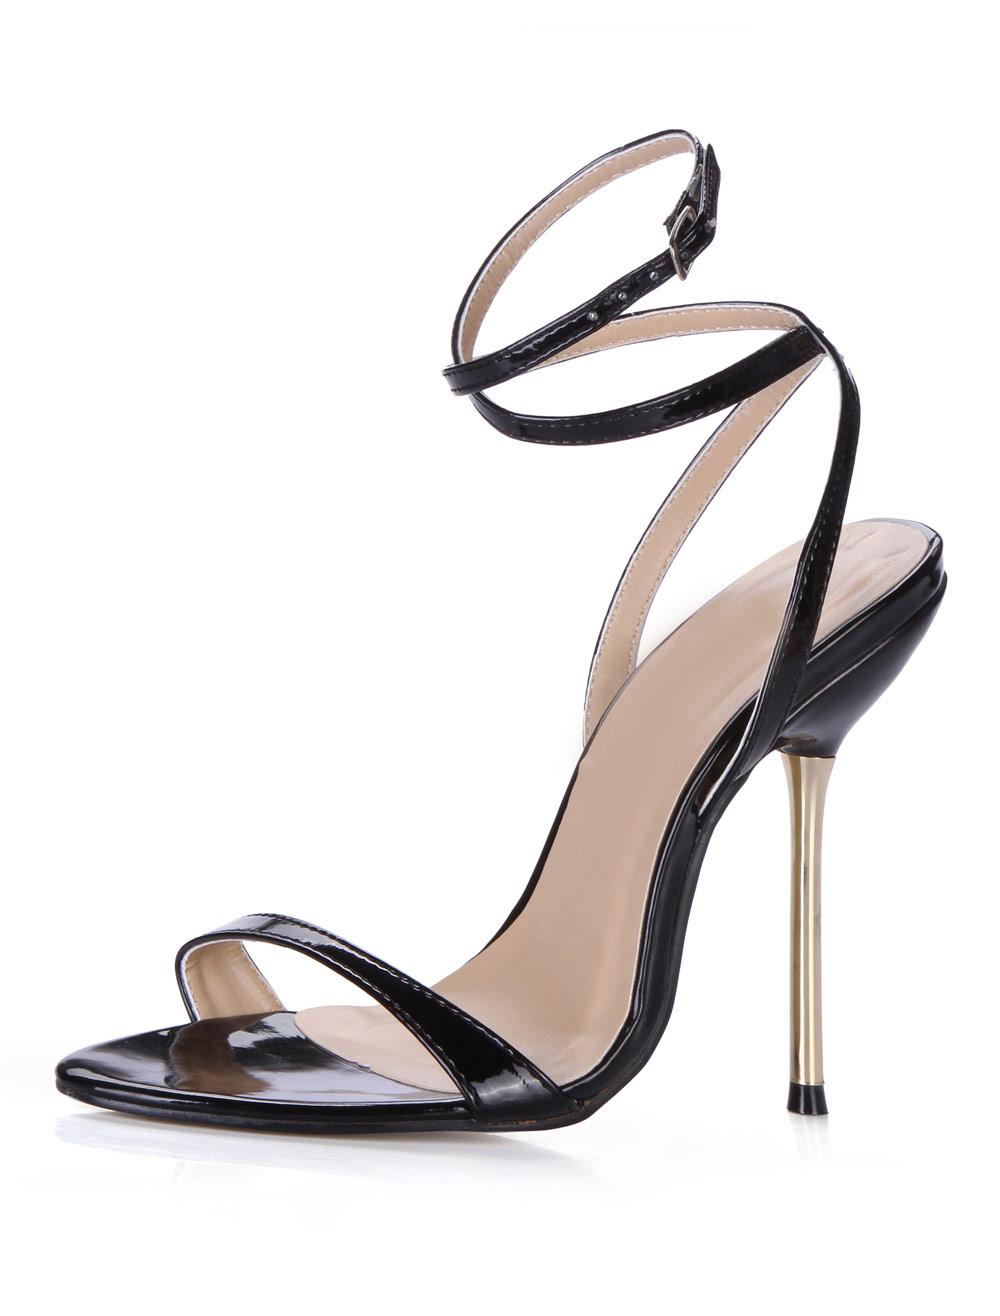 Sexy Black Stiletto Heel Modern Dress Sandals